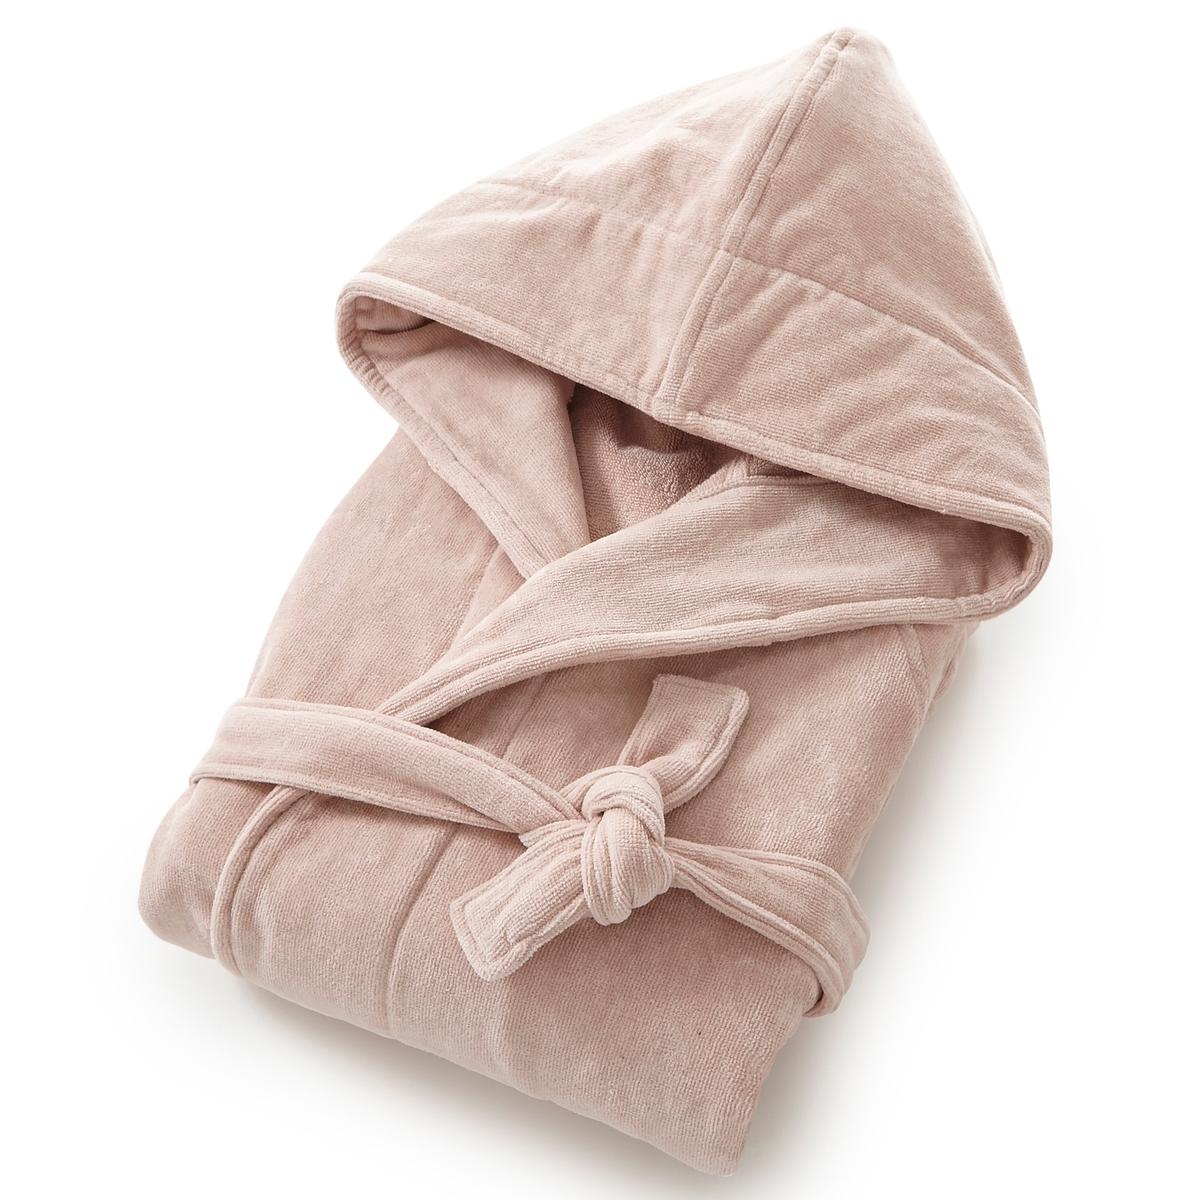 Халат, махровая велюровая ткань, 450 г/м², качество Best